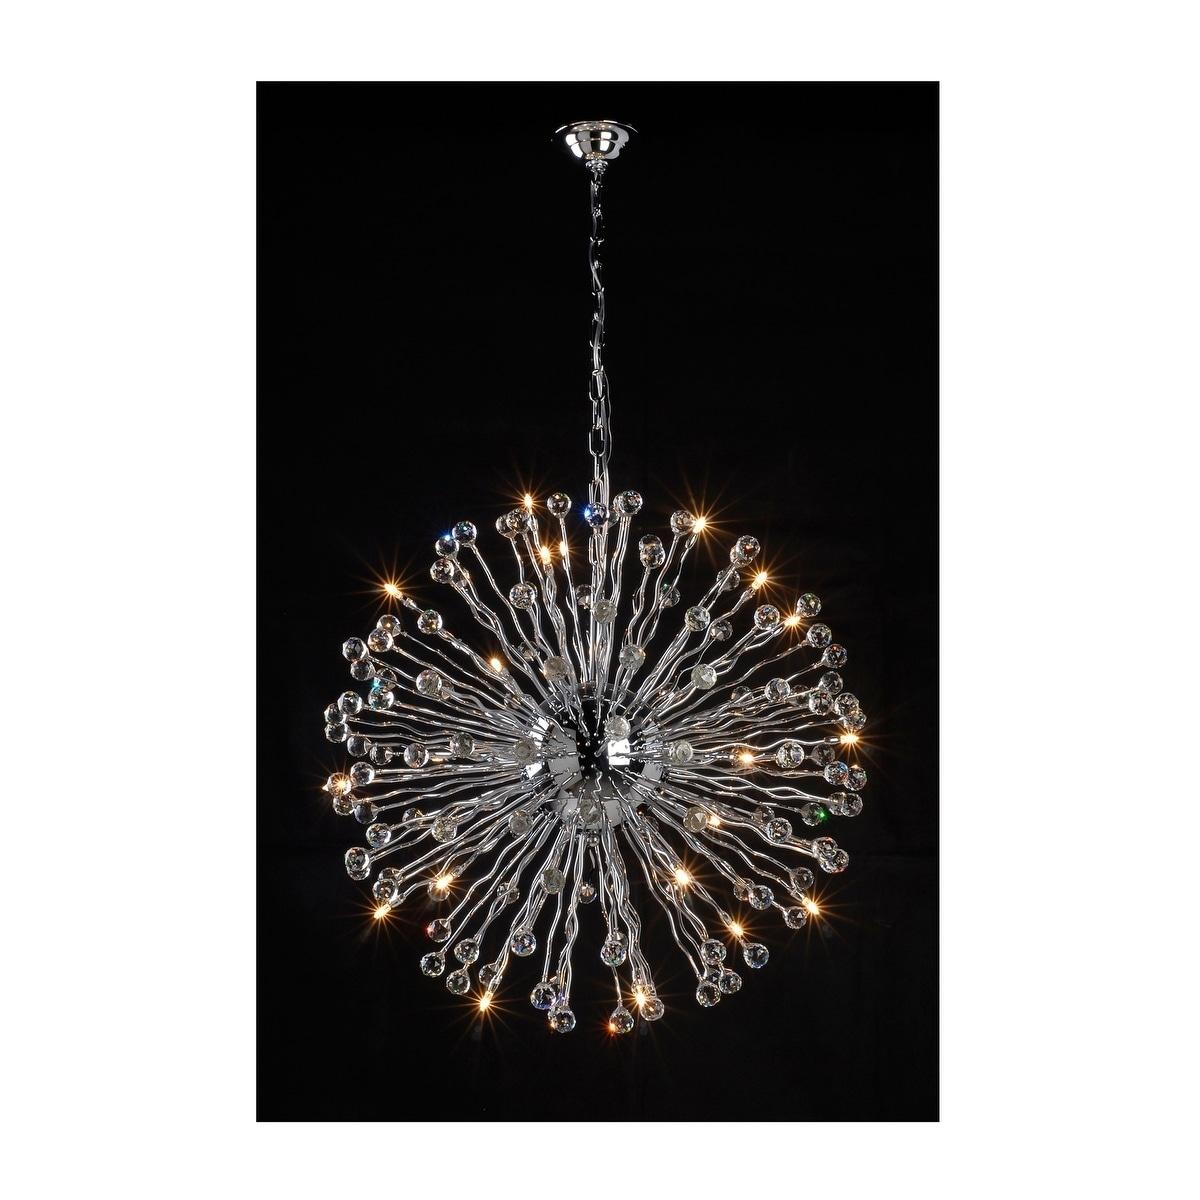 contemporary glass lighting. Shop Allium Contemporary Glass Crystal Sputnik Chandelier LED Lighting  Ceiling Fixture, Diameter 28\ Contemporary Glass Lighting